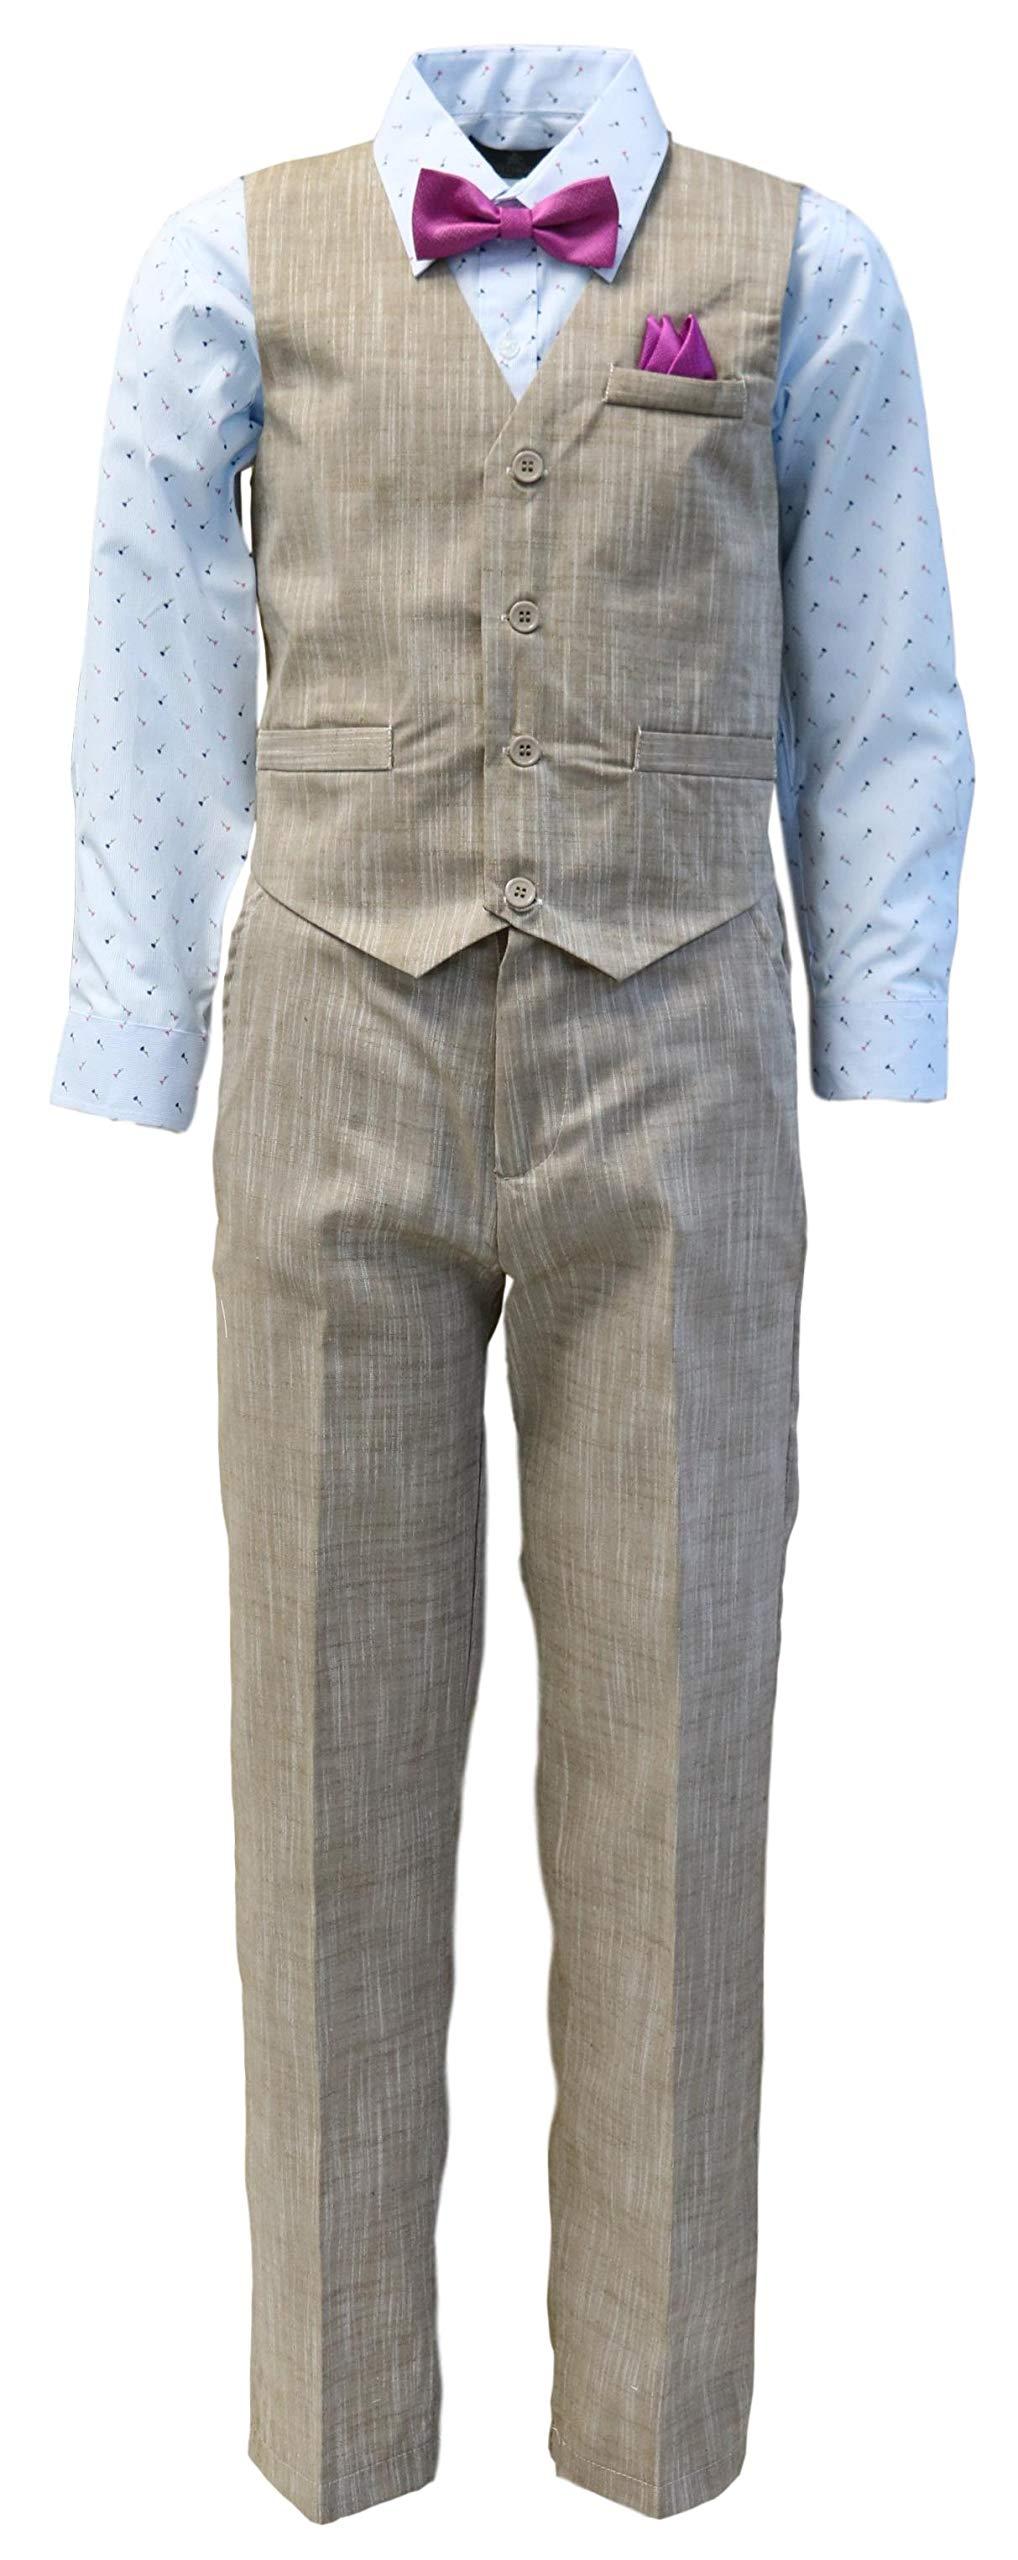 Vittorino Boy's Linen Look 4 Piece Suit Set with Vest Pants Shirt and Tie, Tan - Light Blue, 8